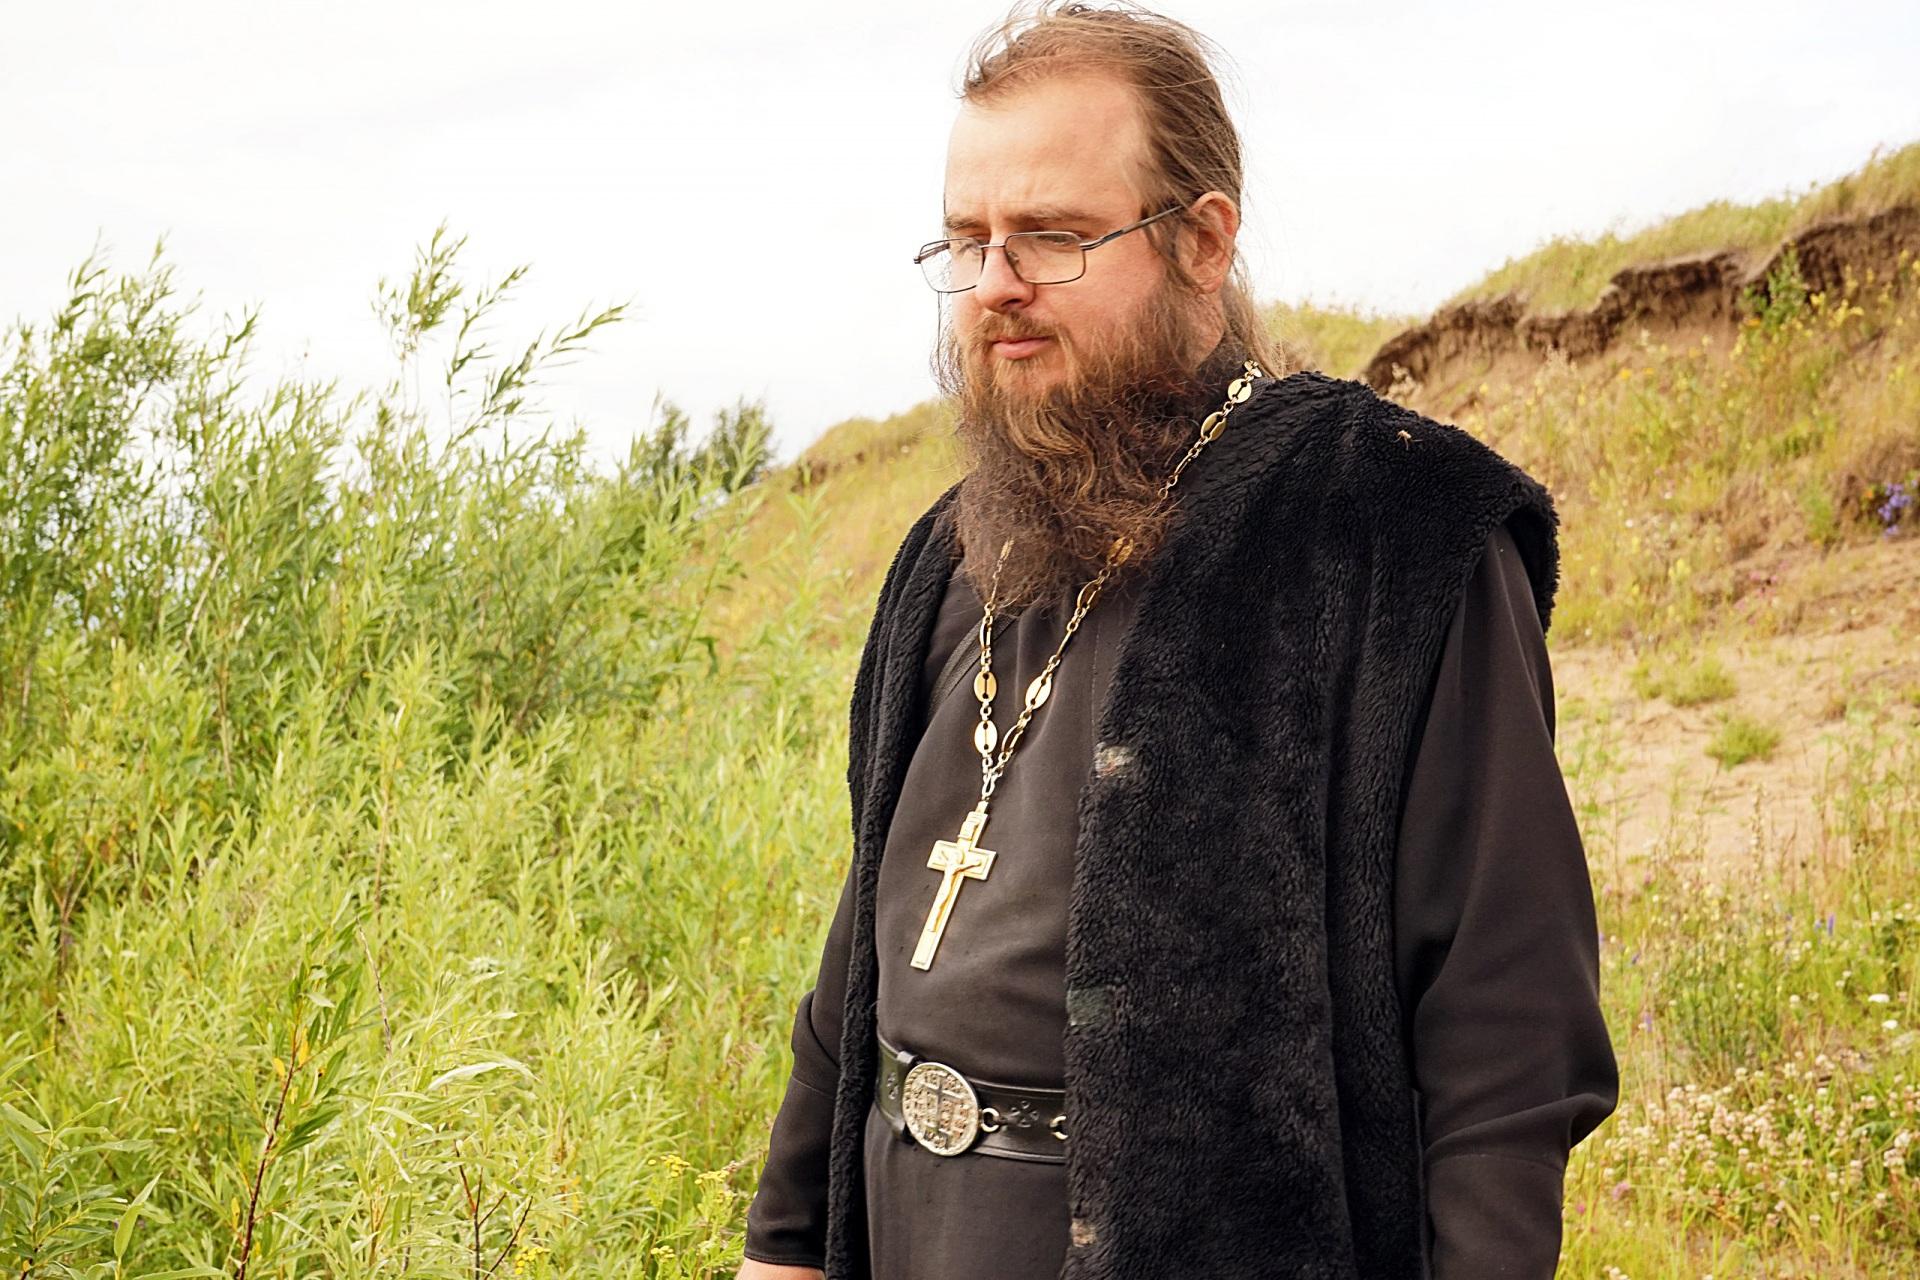 Священник из Коми стал популярным в интернете видеоблогером